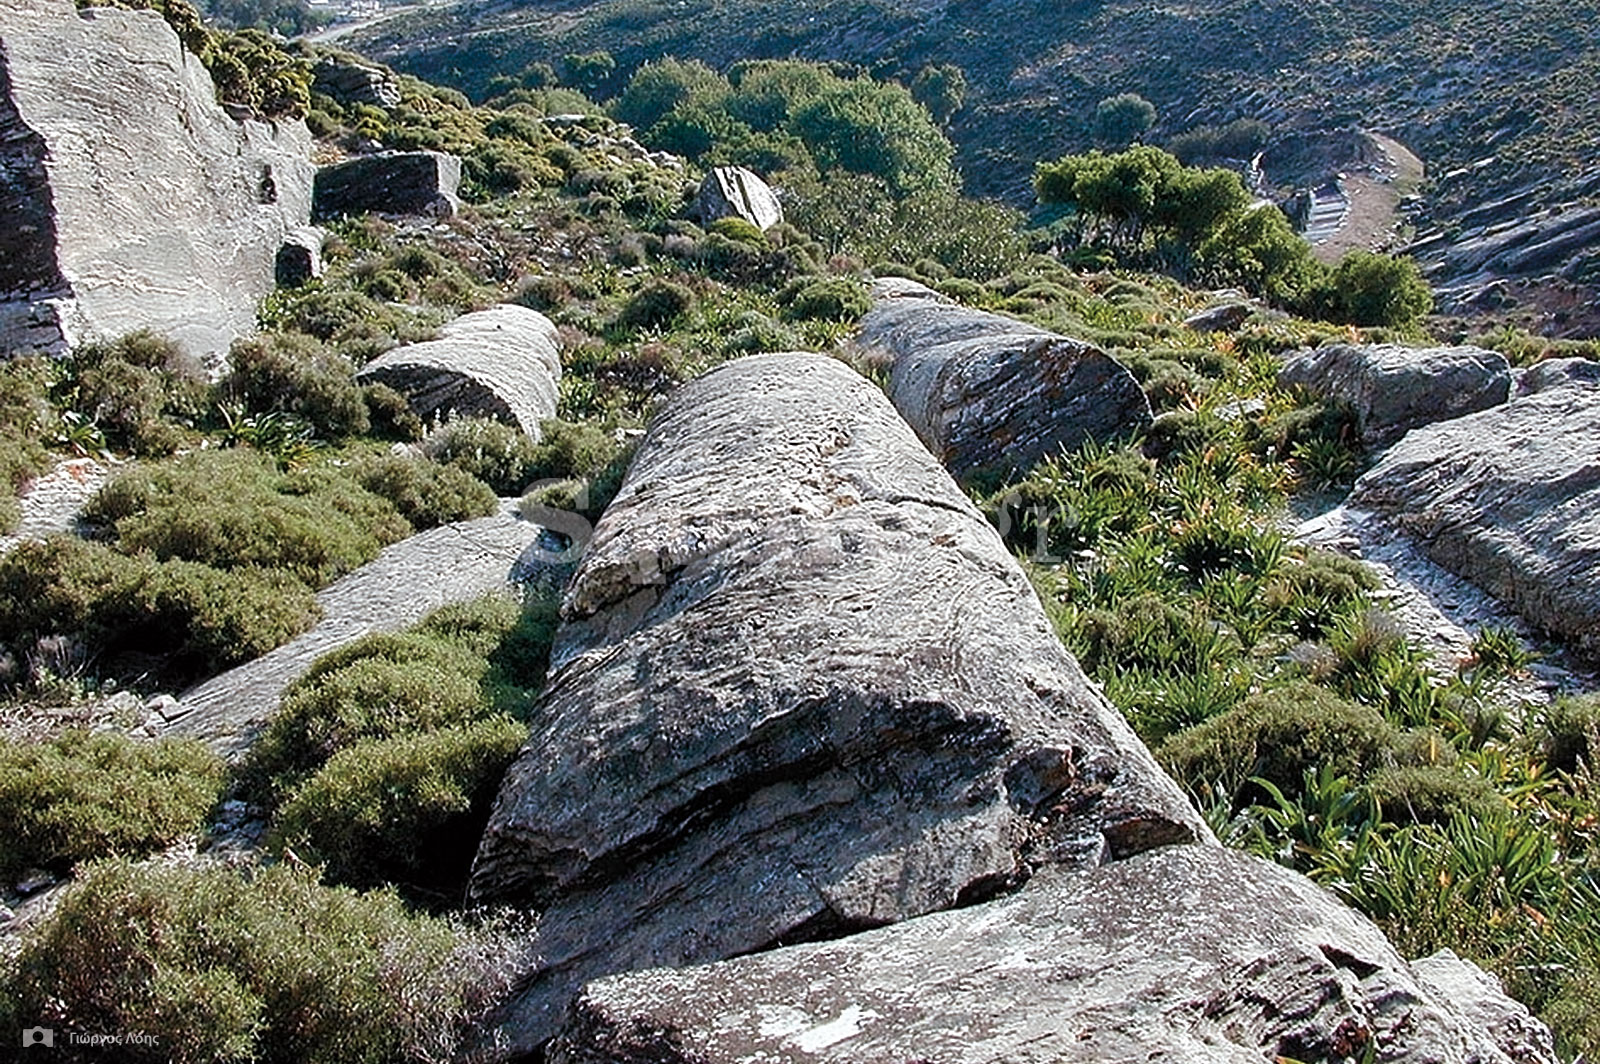 21-Αρχαίο-λατομείο-κοντά-στον-οικισμό-Αετός-Καρύστου-όπου-υπάρχουν-ημιτελείς-μονολιθικοί-κίονες